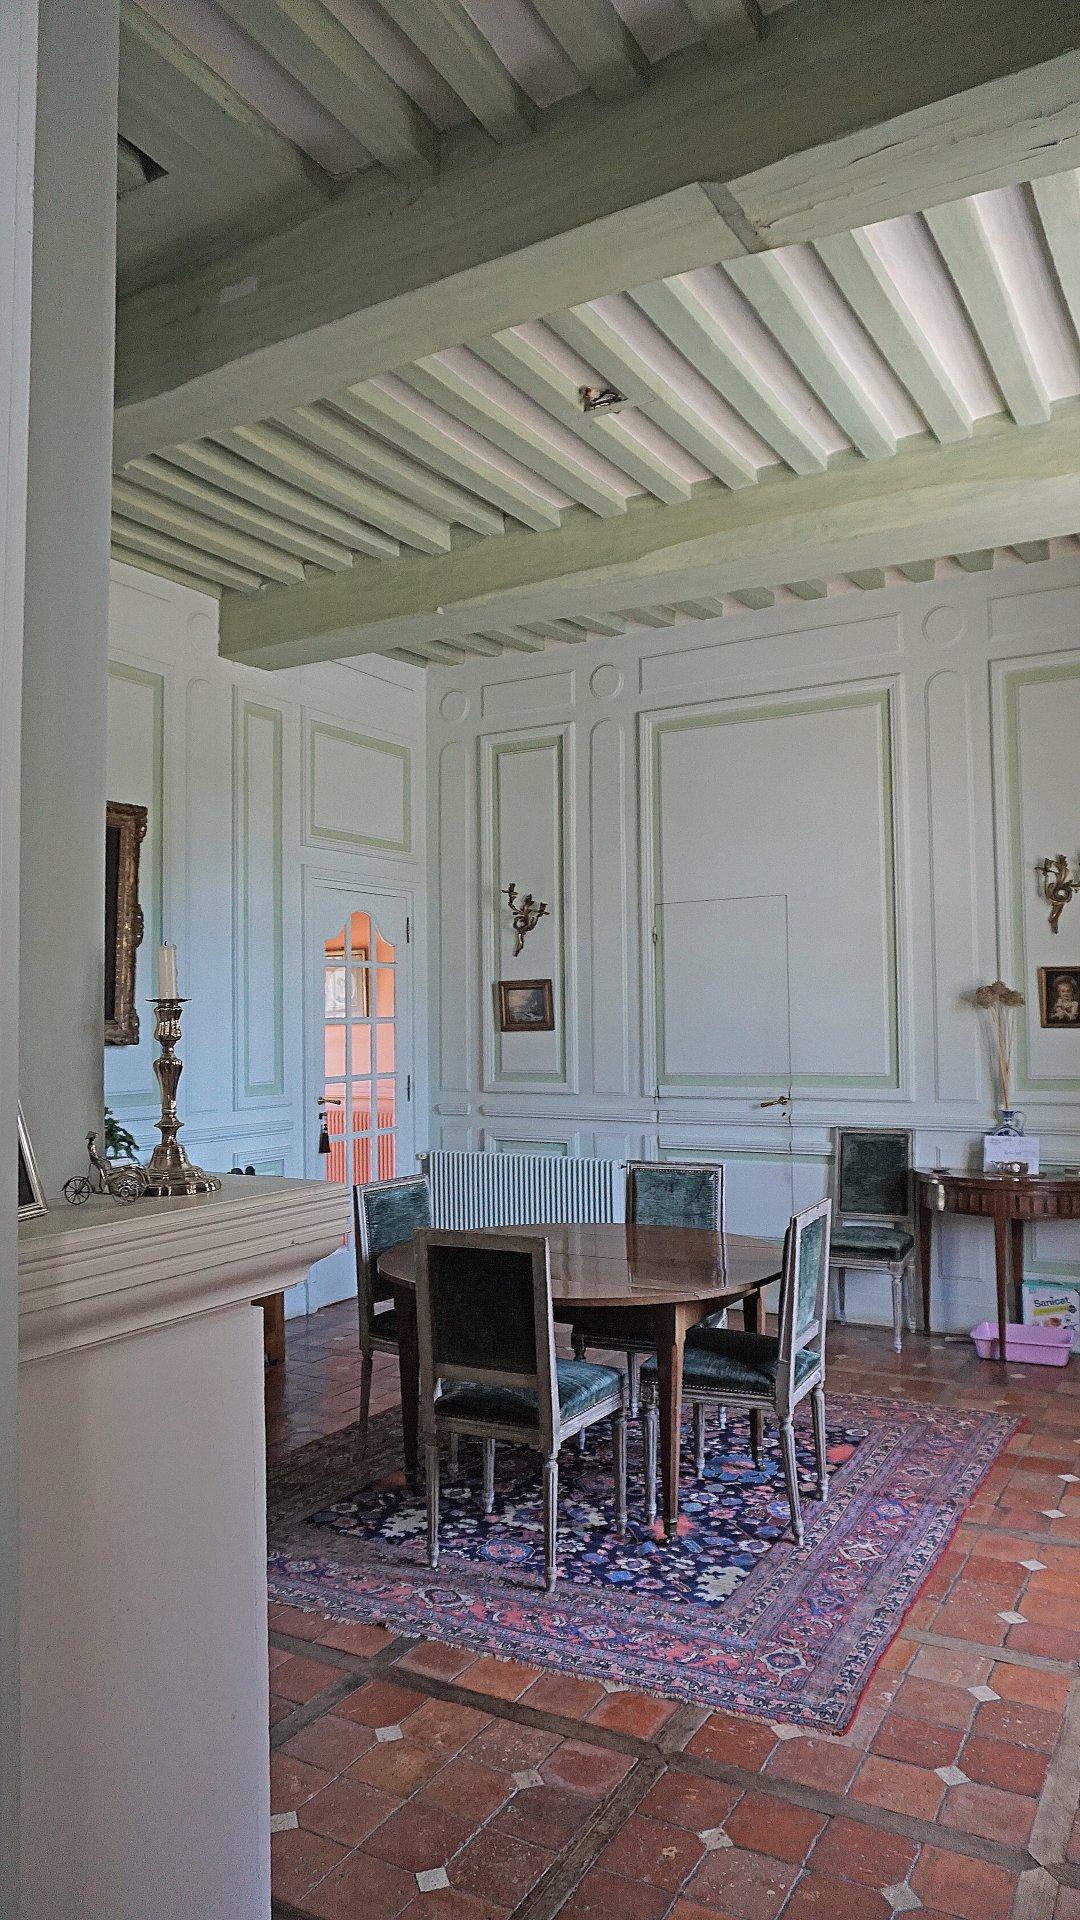 PAYS D'AUGE-CAVADOS- MANOIR XVI et XVIIème inscrit ISMH sur 22 hectares.